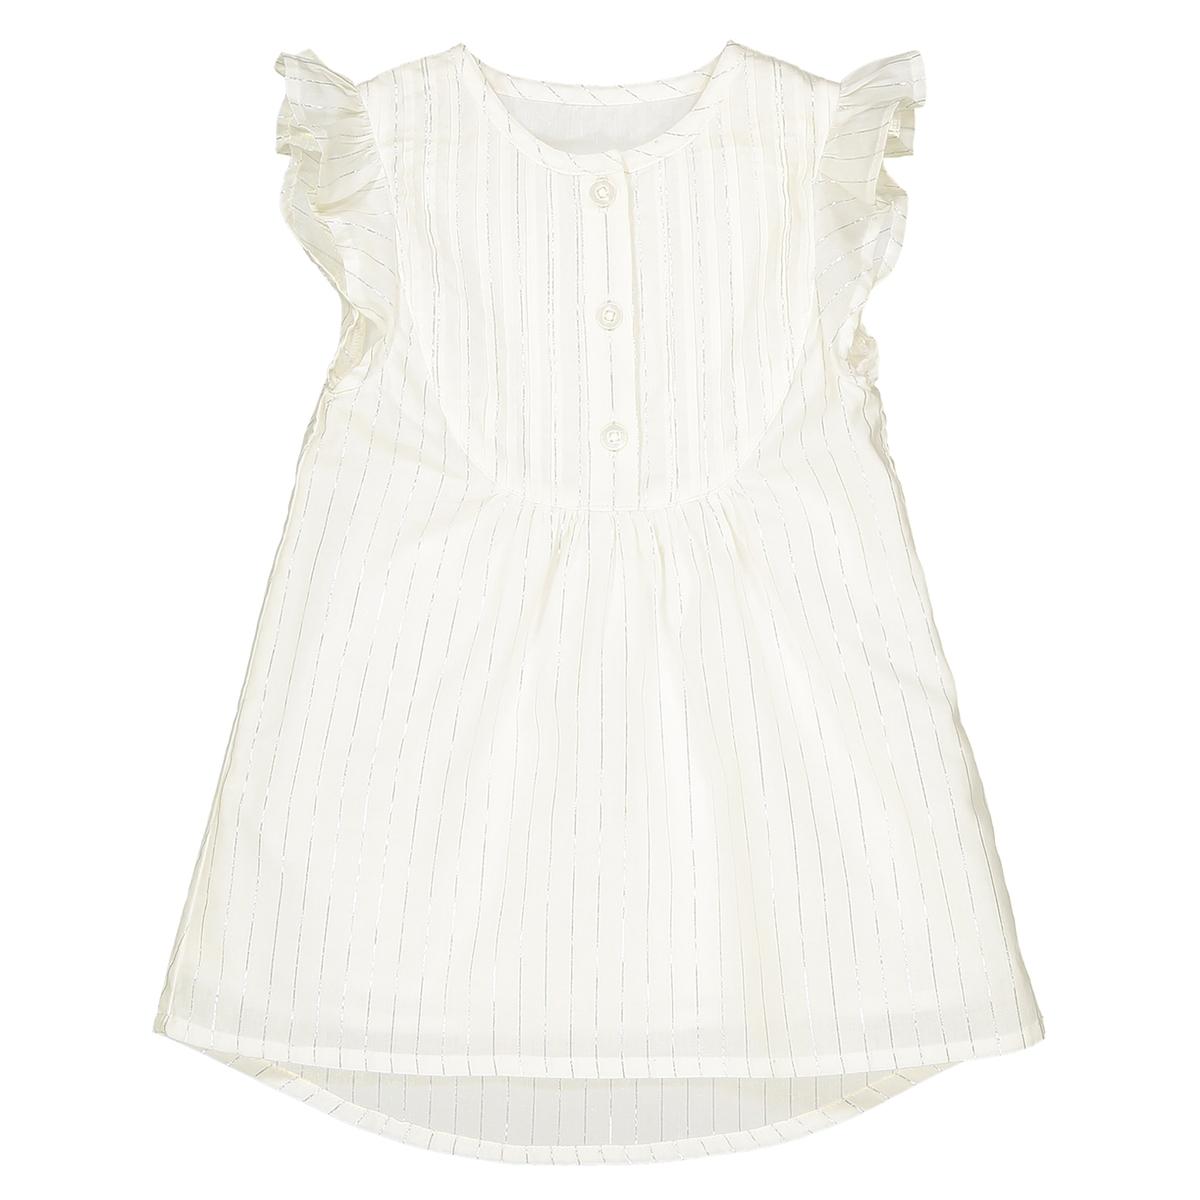 Платье в полоску серебристого цвета, 1 мес. - 3 года платье 3 в 1